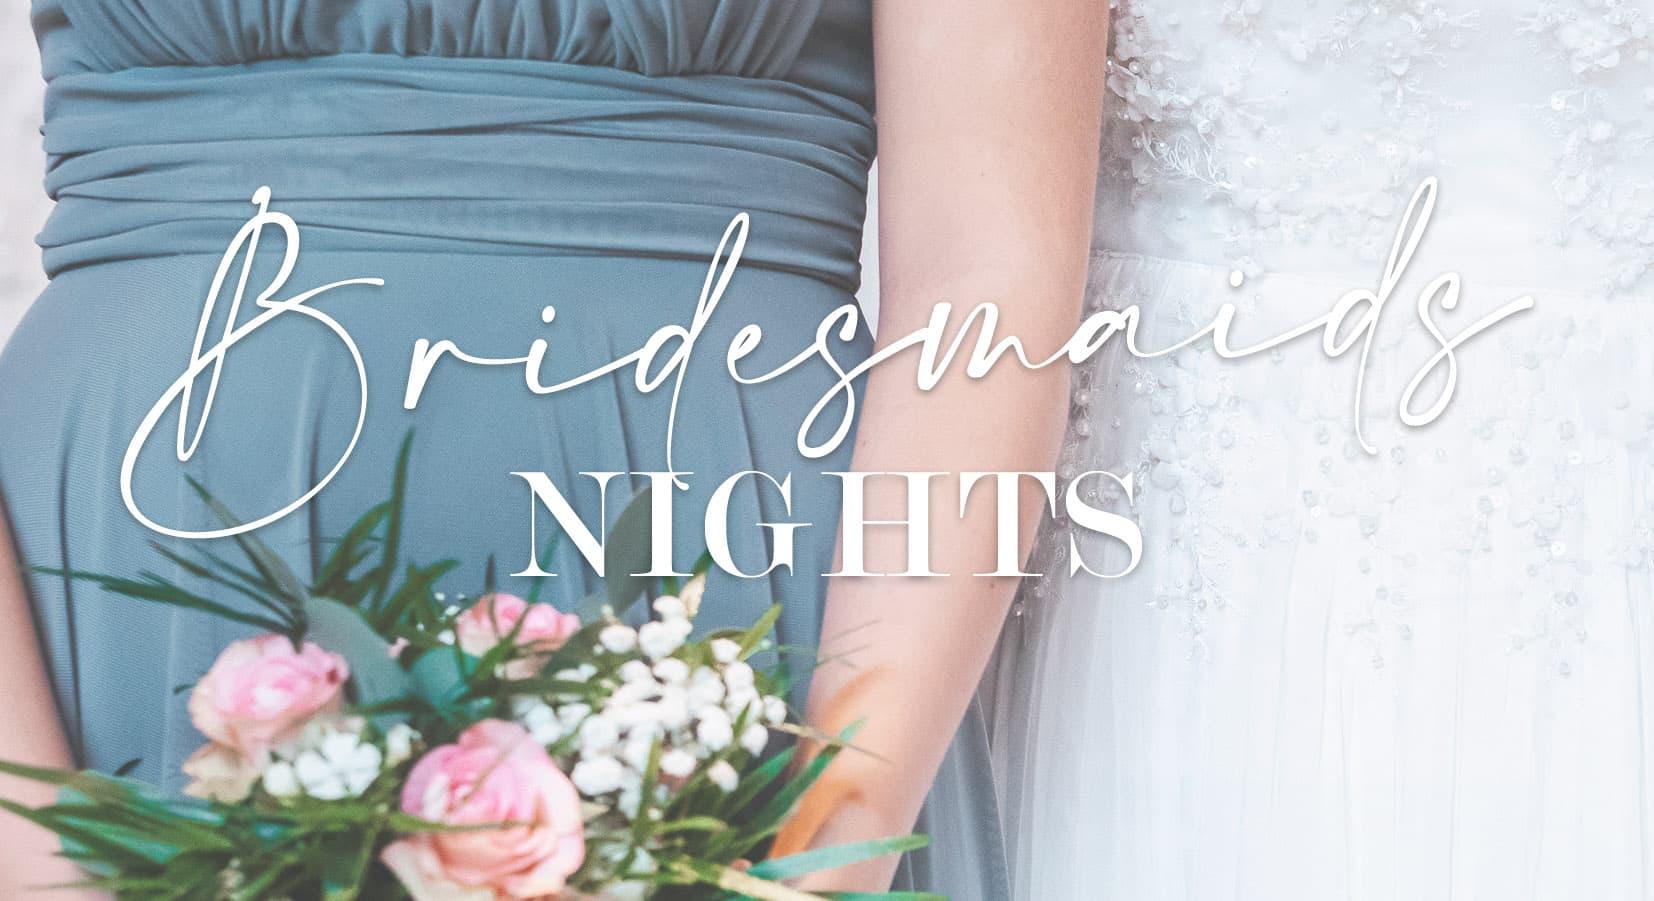 Nouveauté : Bridesmaids Nights